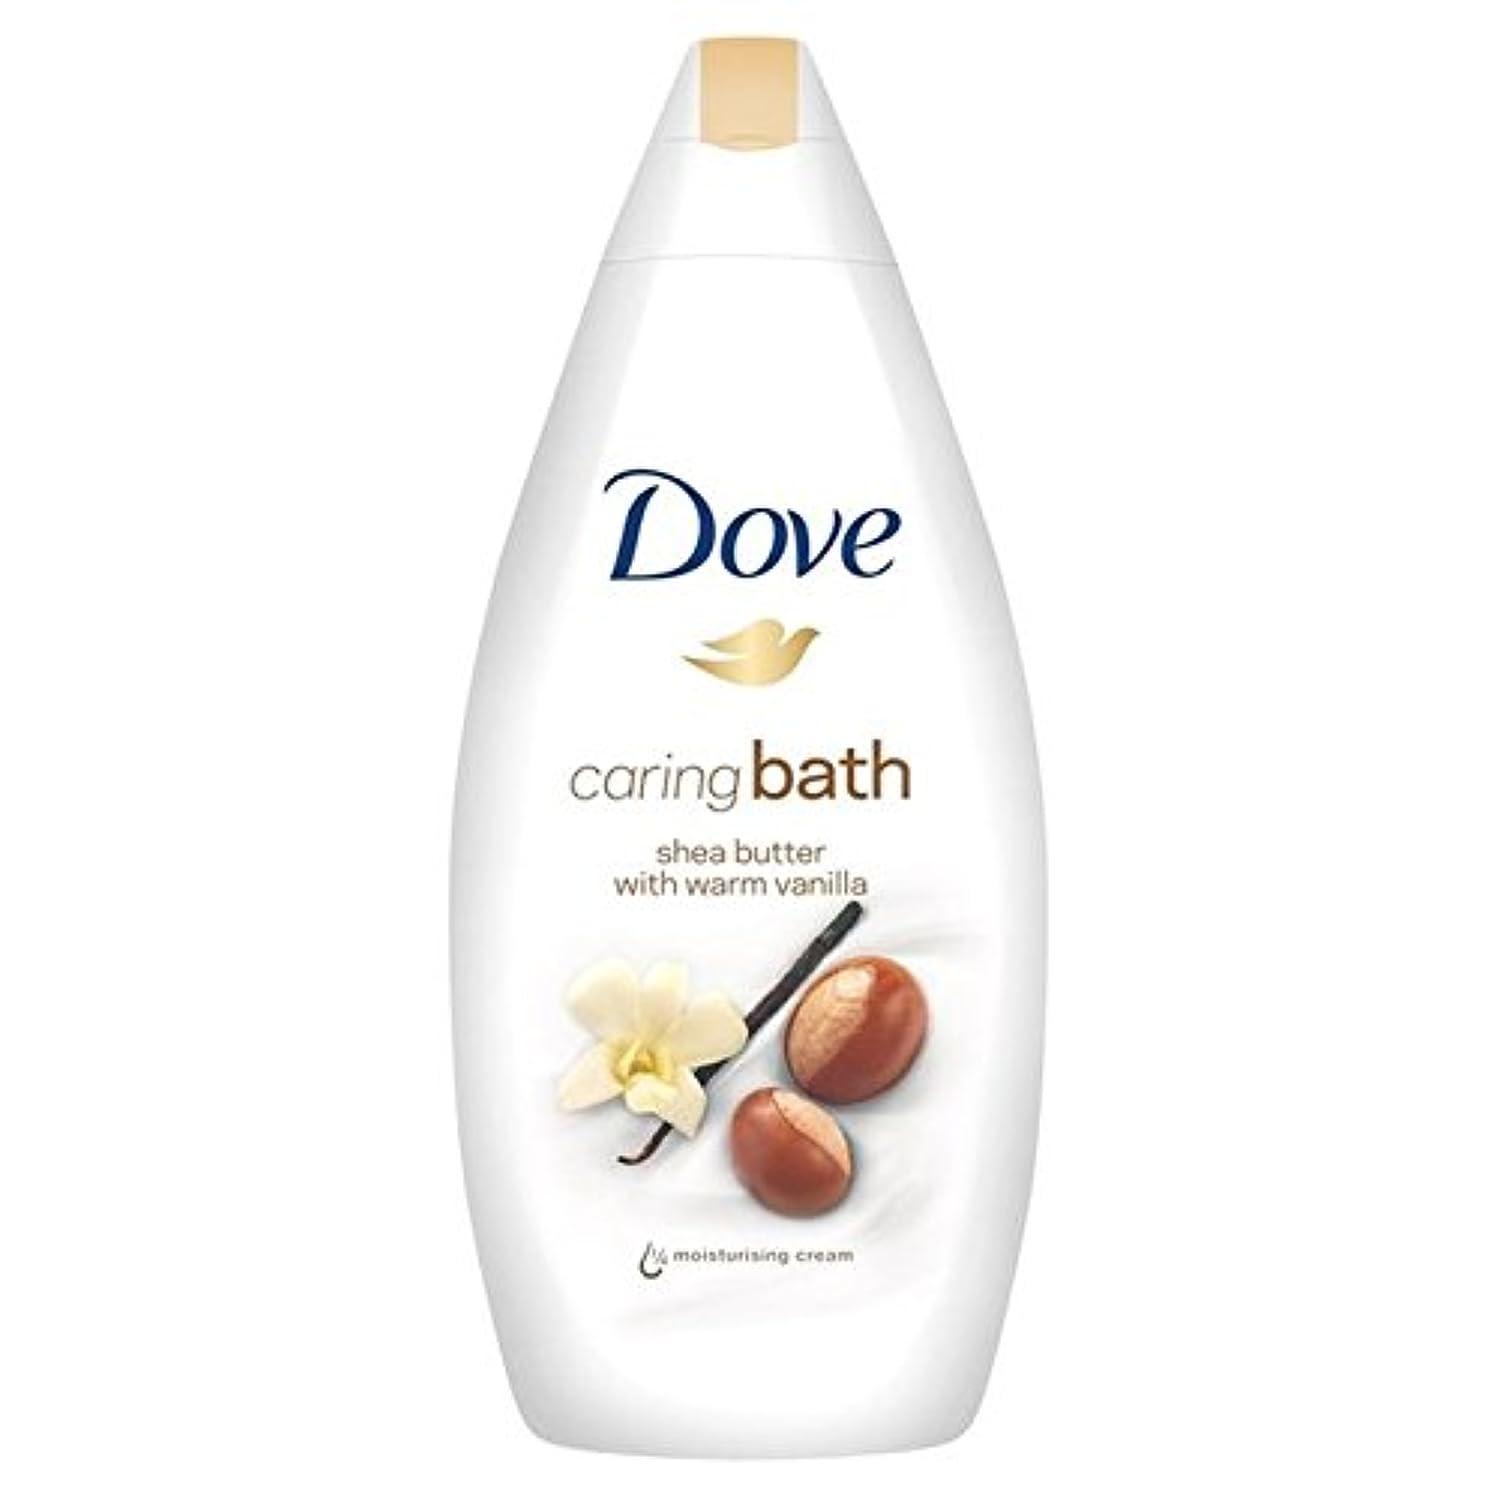 パークニッケルアニメーションDove Purely Pampering Shea Butter Caring Cream Bath 500ml - 鳩純粋な贅沢シアバター思いやりのあるクリームバス500ミリリットル [並行輸入品]